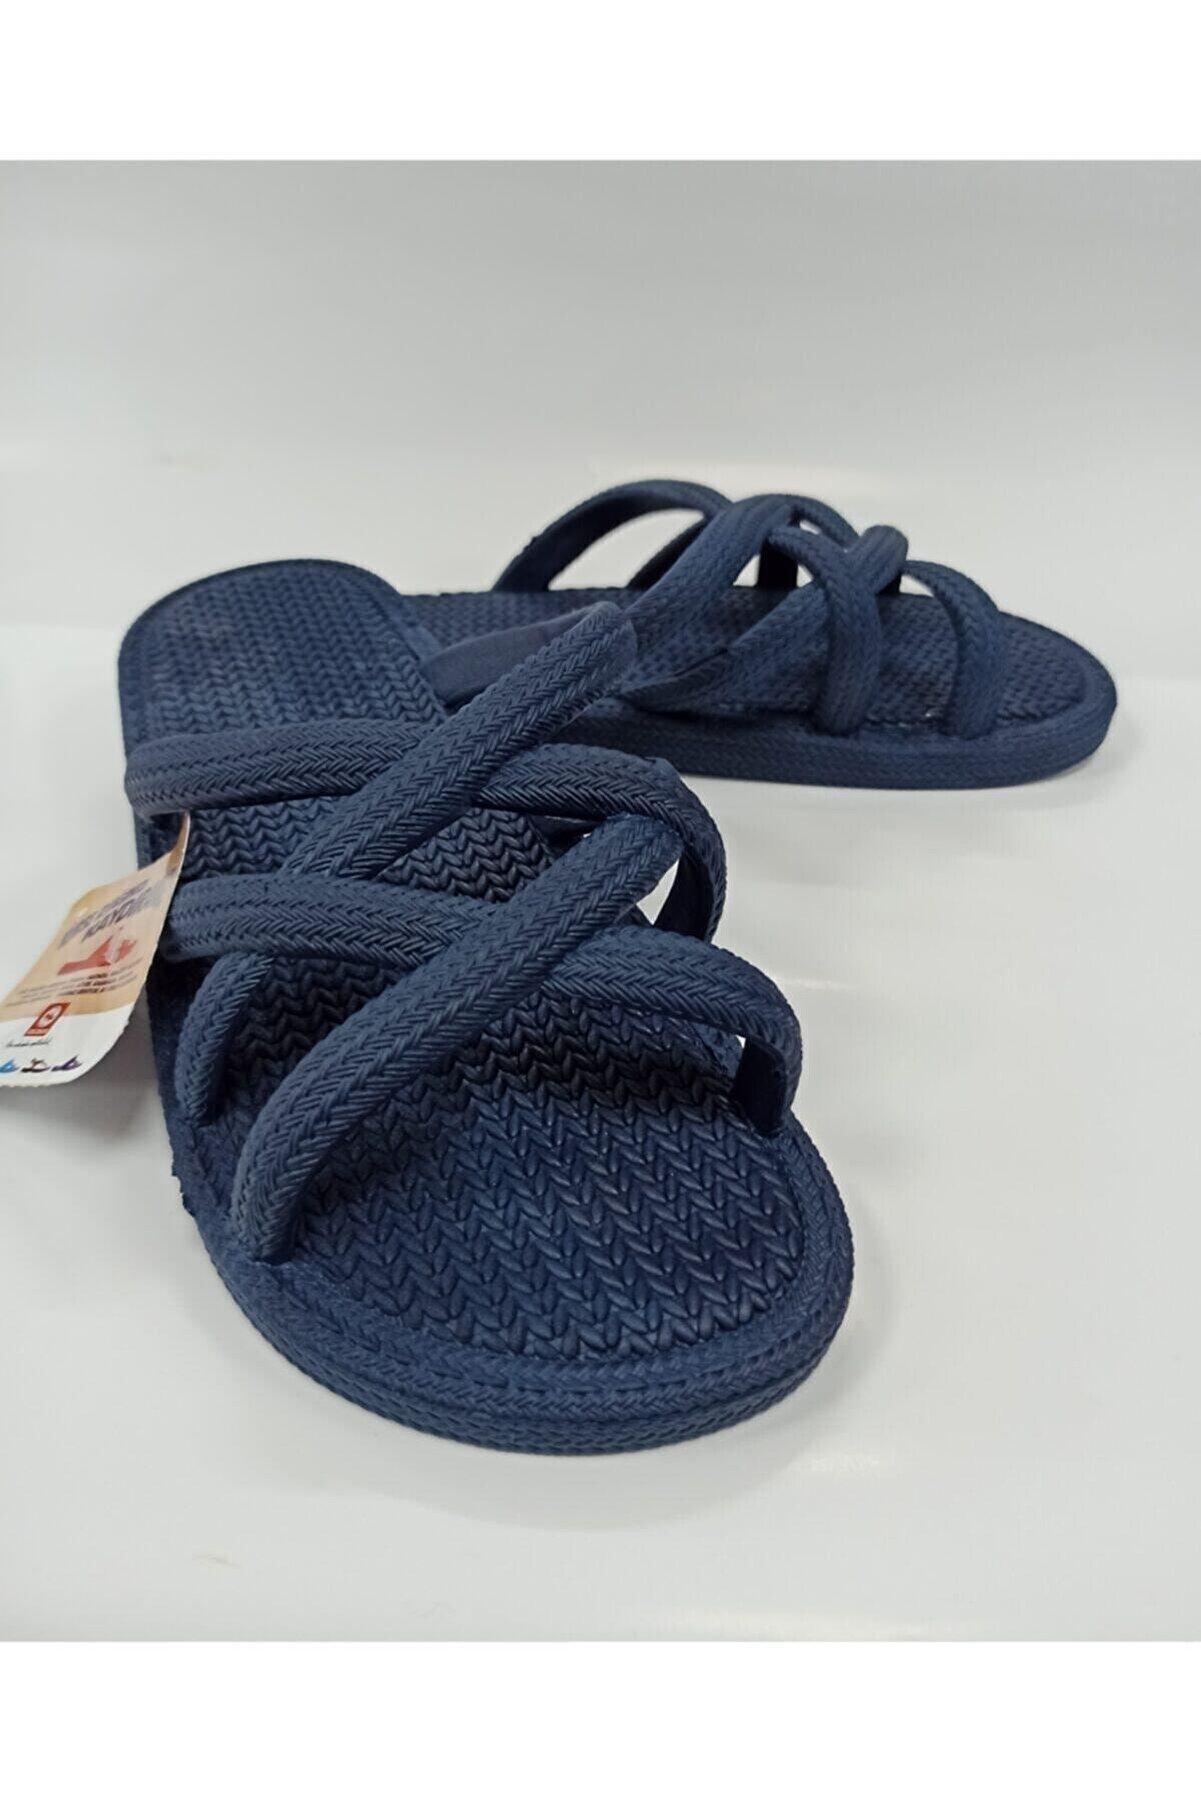 Gezer Kadın Hasır Gorumun Kaydırmaz Havuz Plaj Banyo Ve Outdoor Terlik- Altın Adım Ayakkabı